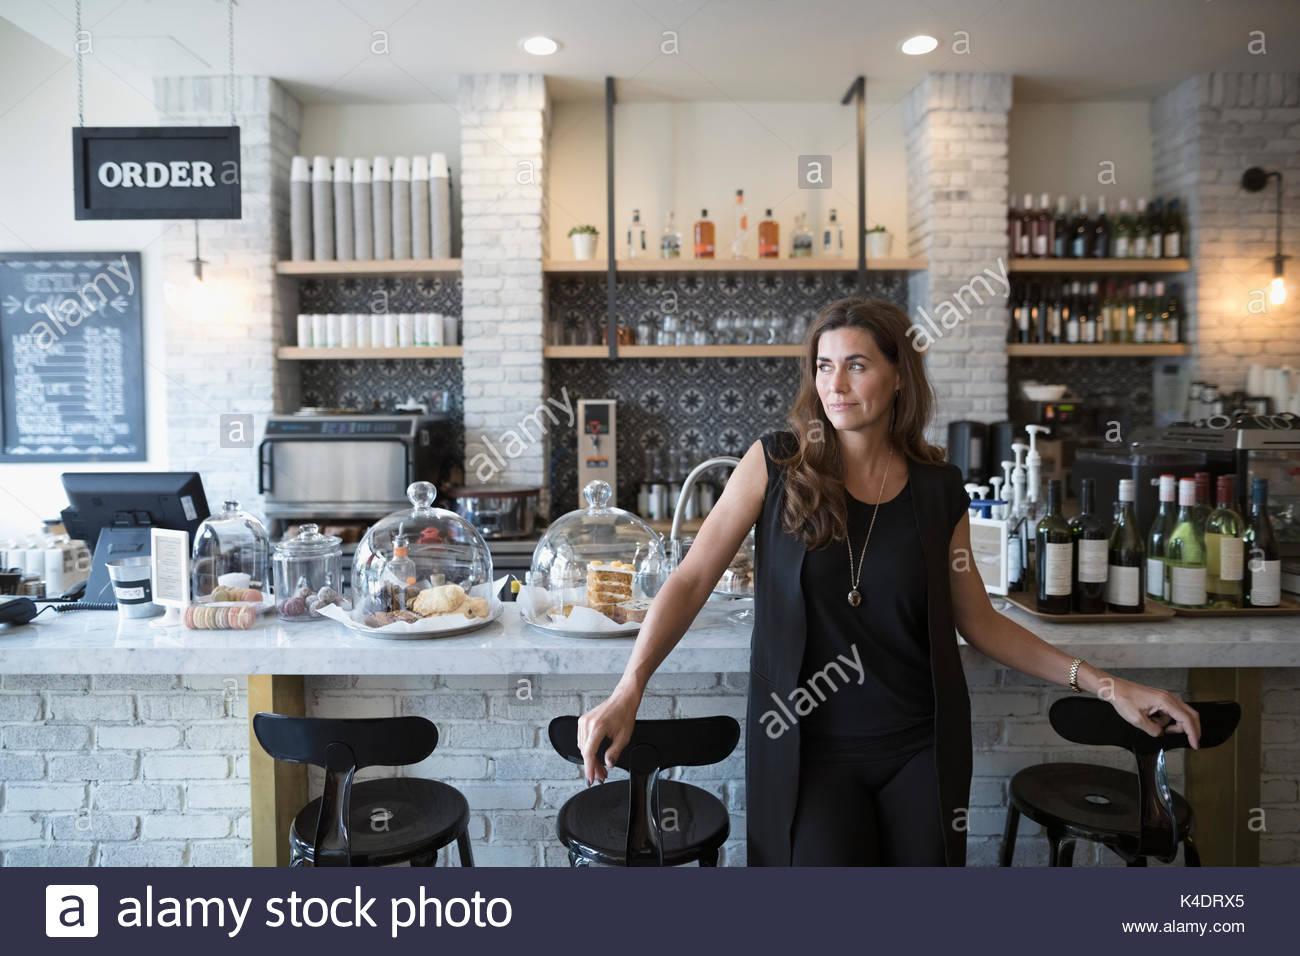 Malinconici femmina proprietario cafe guardando lontano Immagini Stock